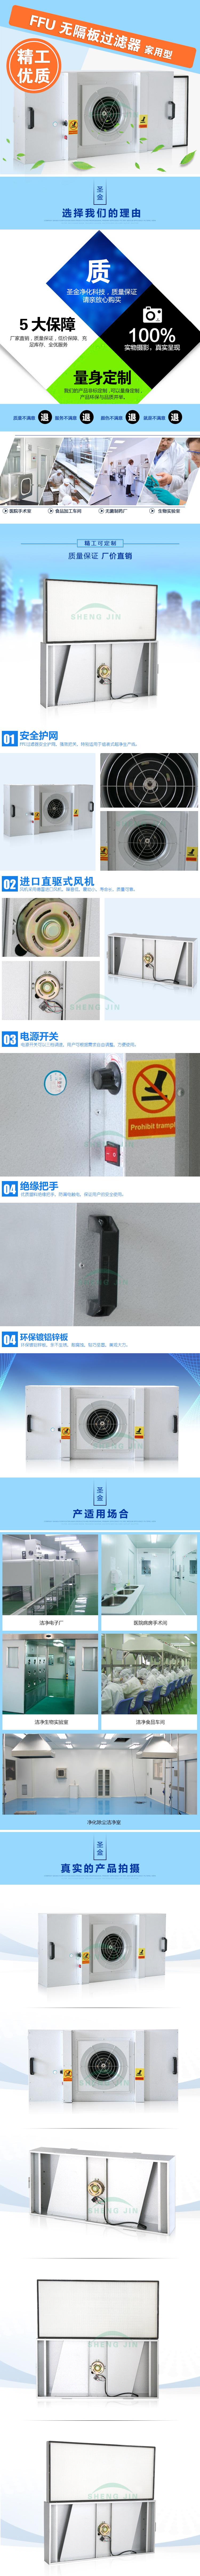 FFU机组 配无隔板过滤器厂家直销专业定制 品质保证